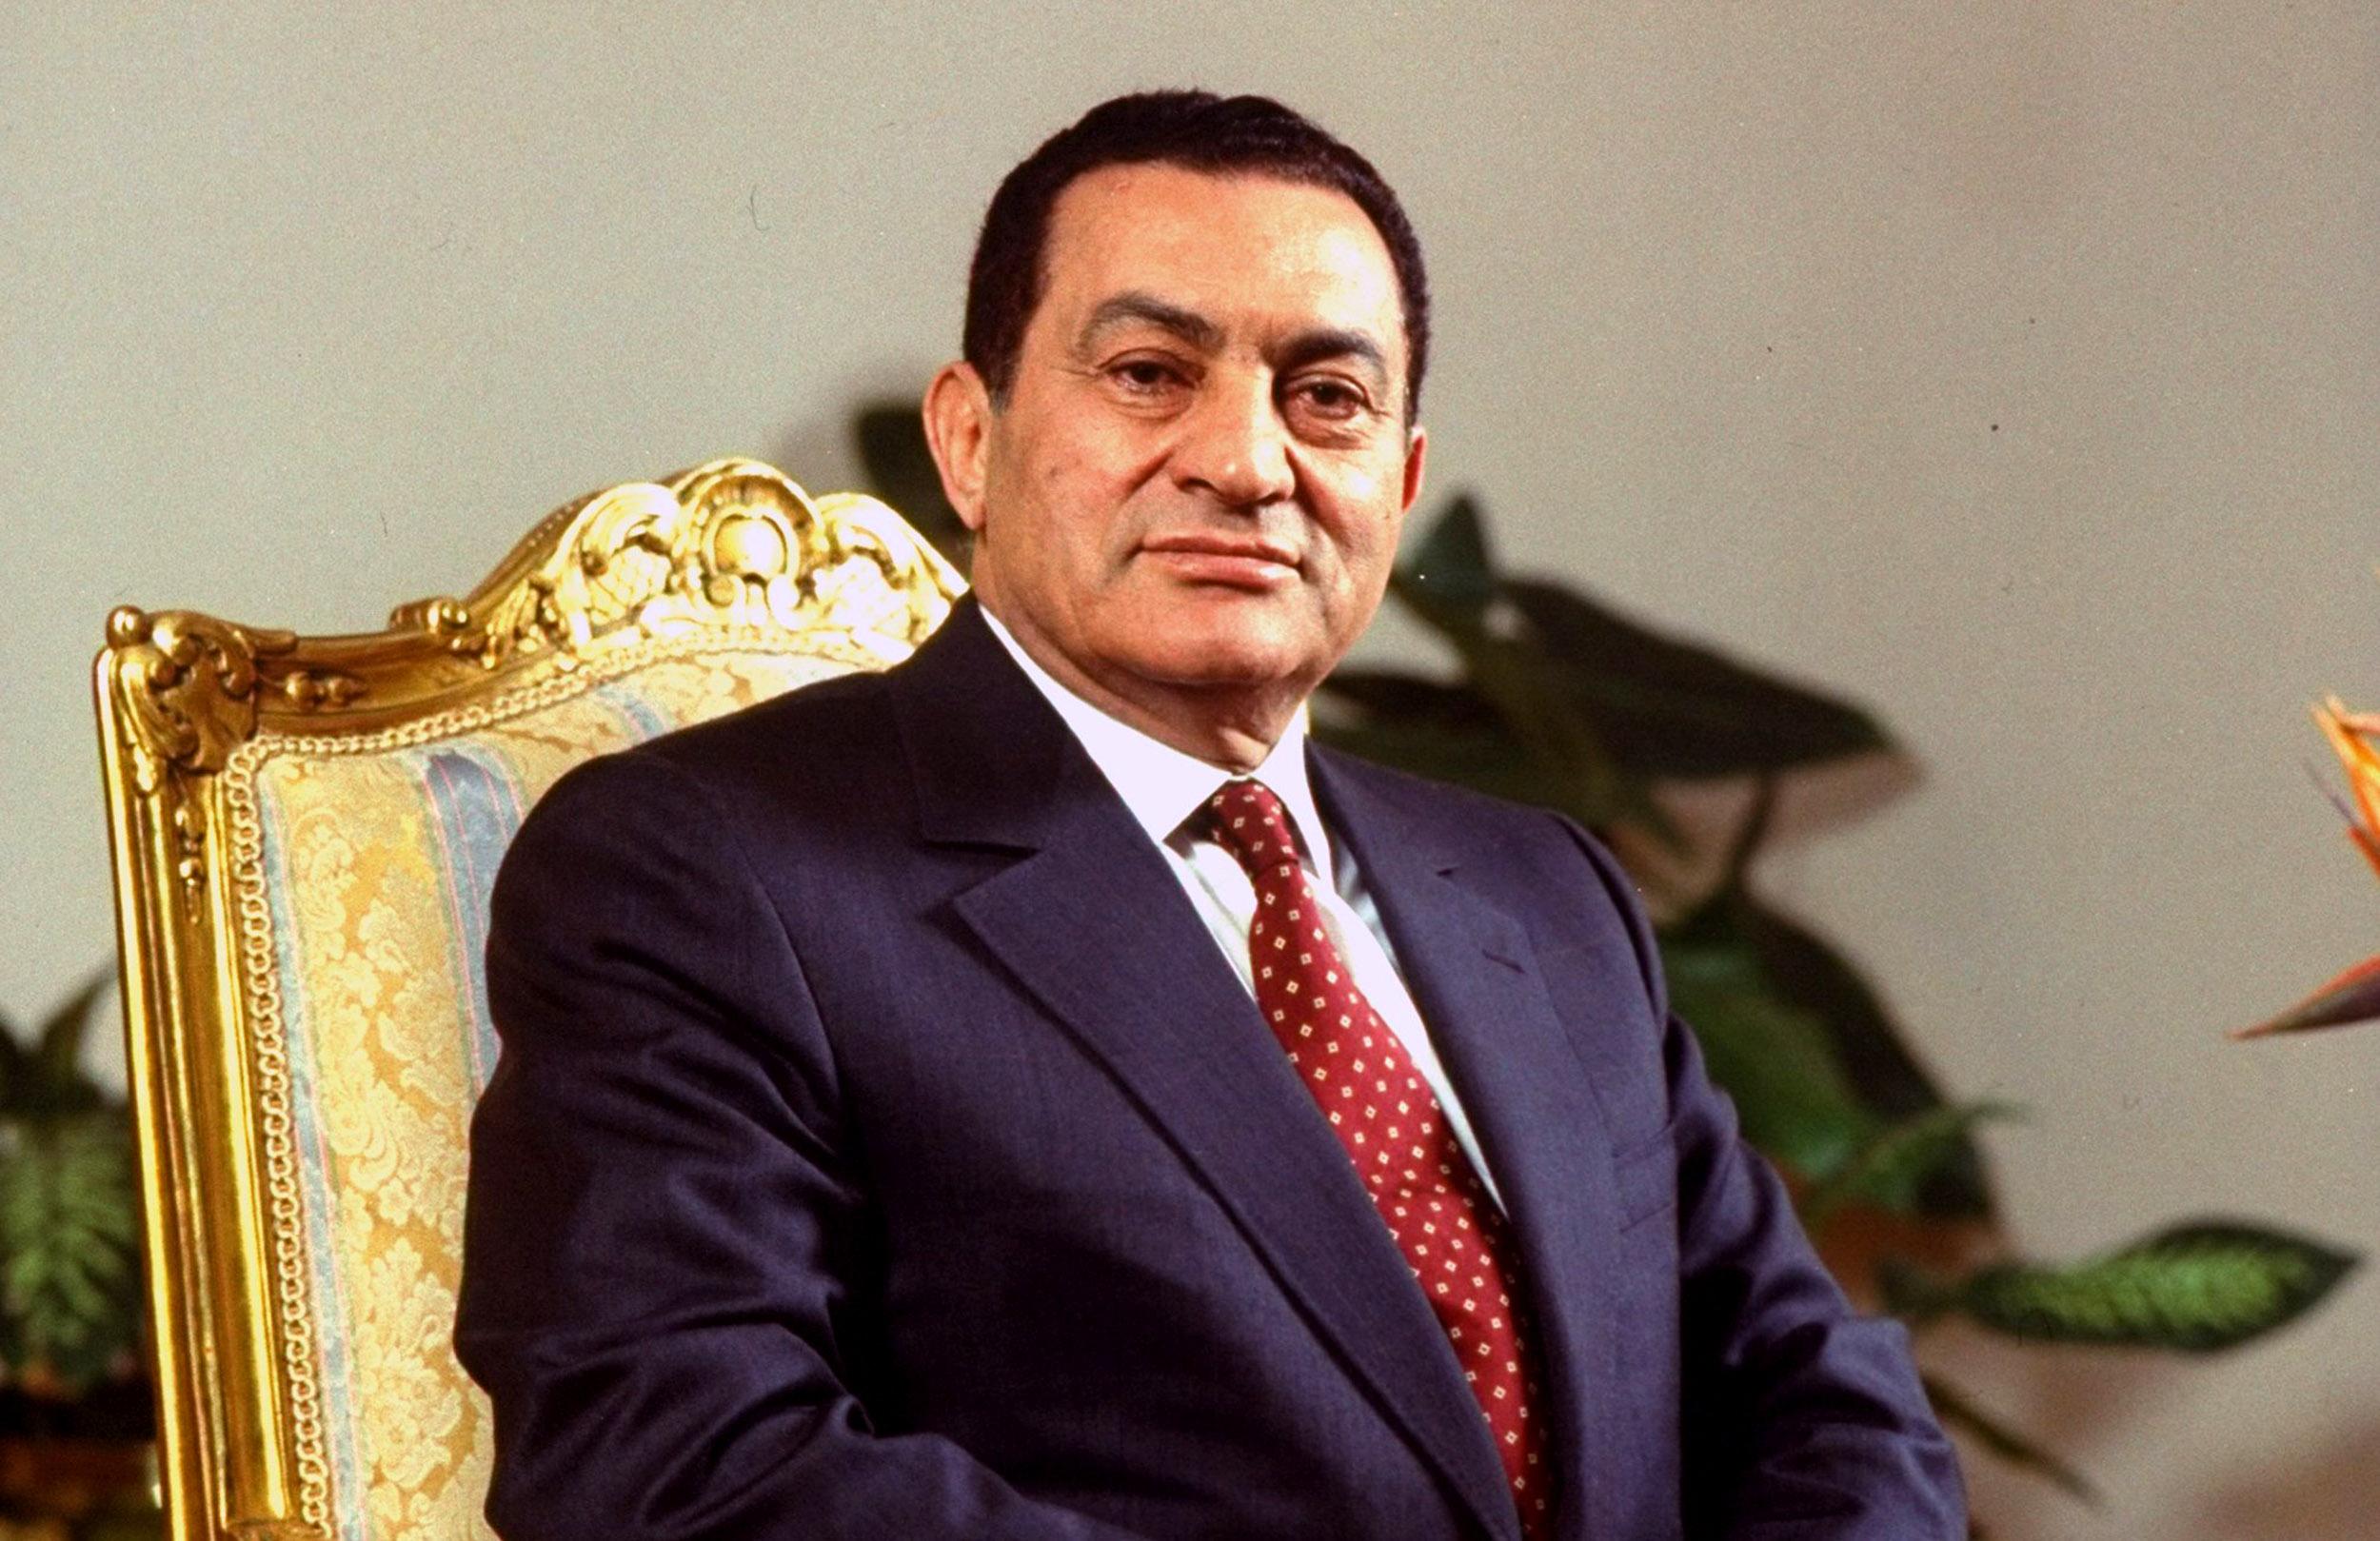 Hosni Mubarak/nbcnews.com